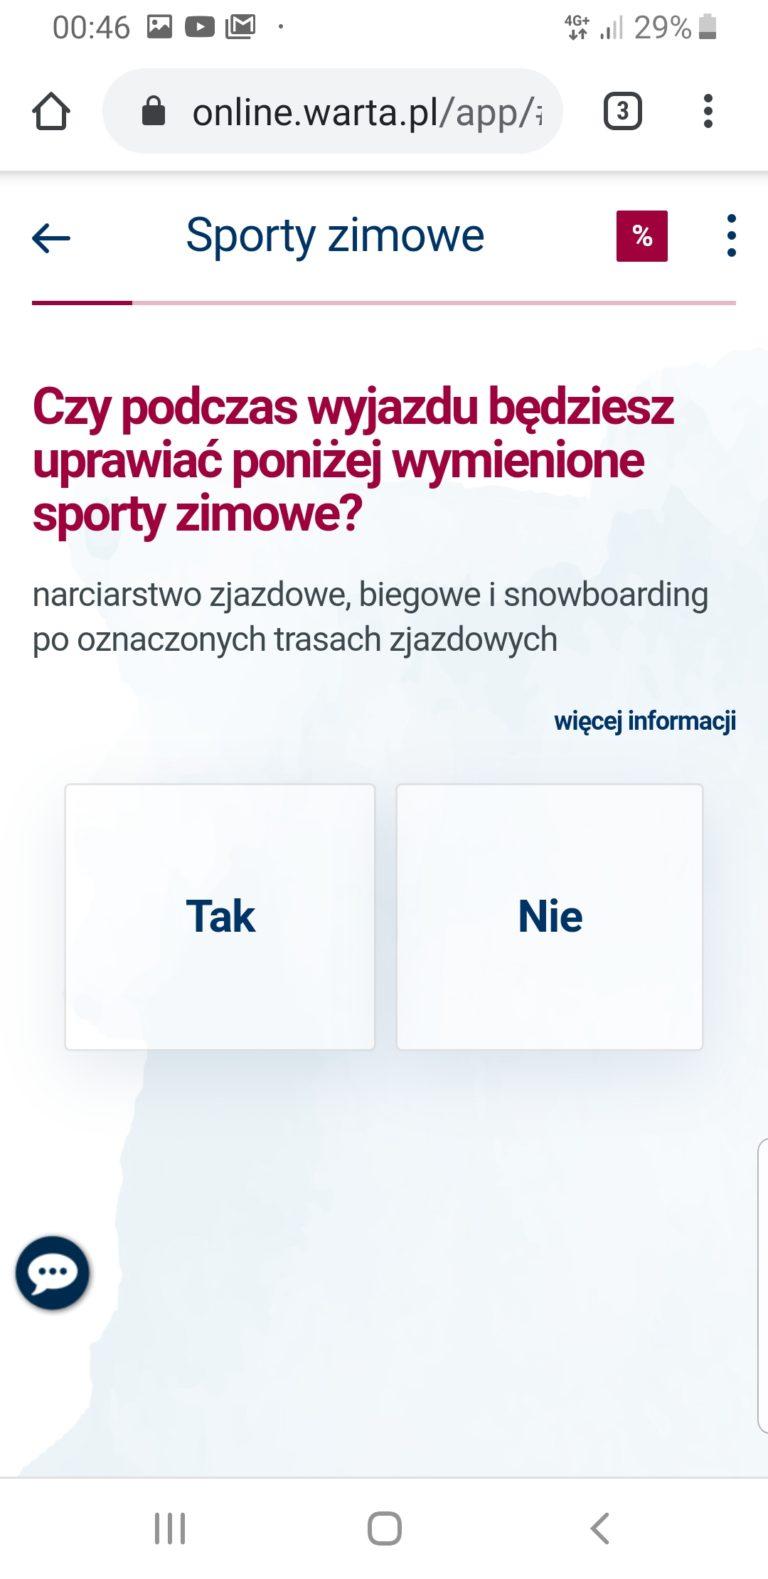 Screenshot 20191218 004630 Chrome 768x1579 - Ubezpieczenie na narty za granicą - Warta Travel online